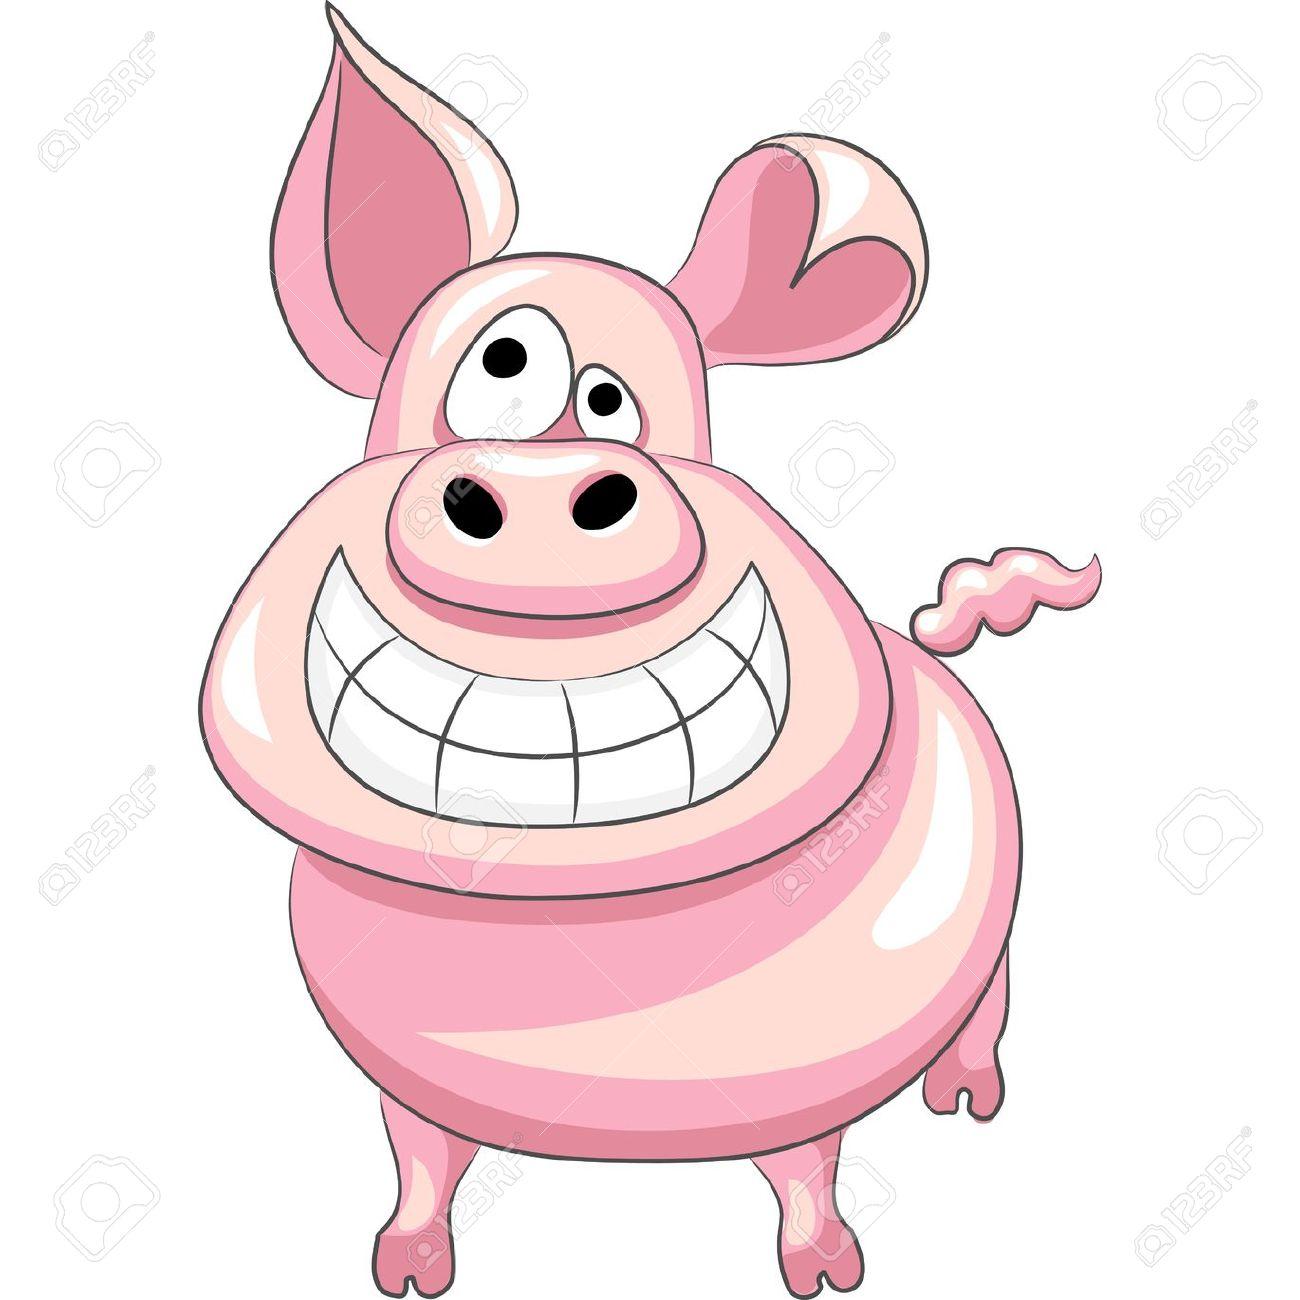 1300x1300 Pig Clipart Happy Pig